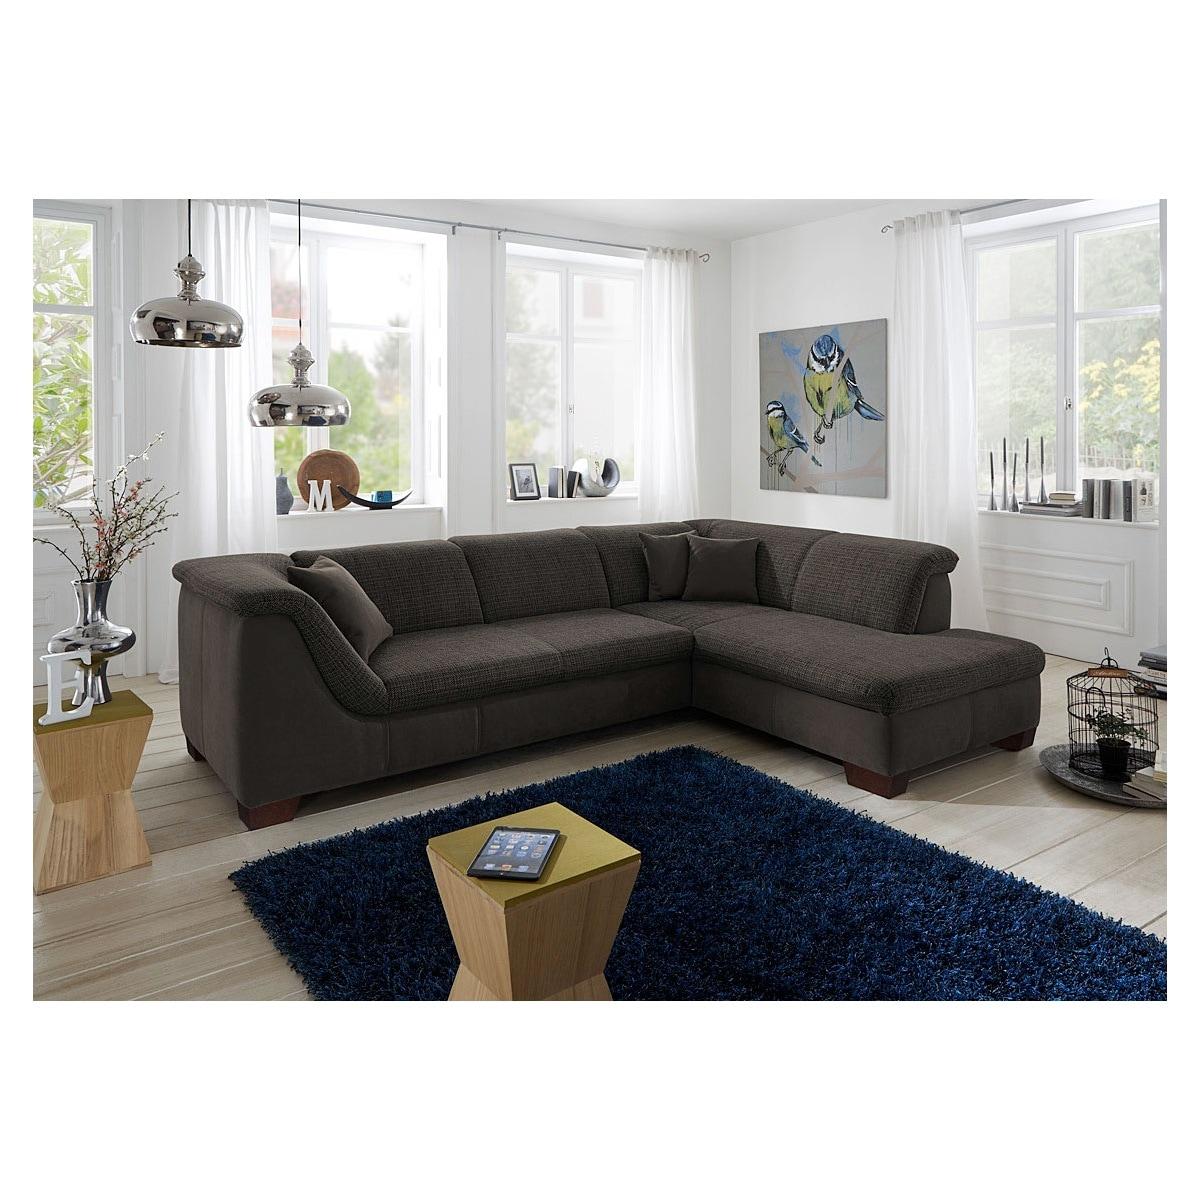 sitzecke melody braun polsterm bel wohnen m bel boss. Black Bedroom Furniture Sets. Home Design Ideas